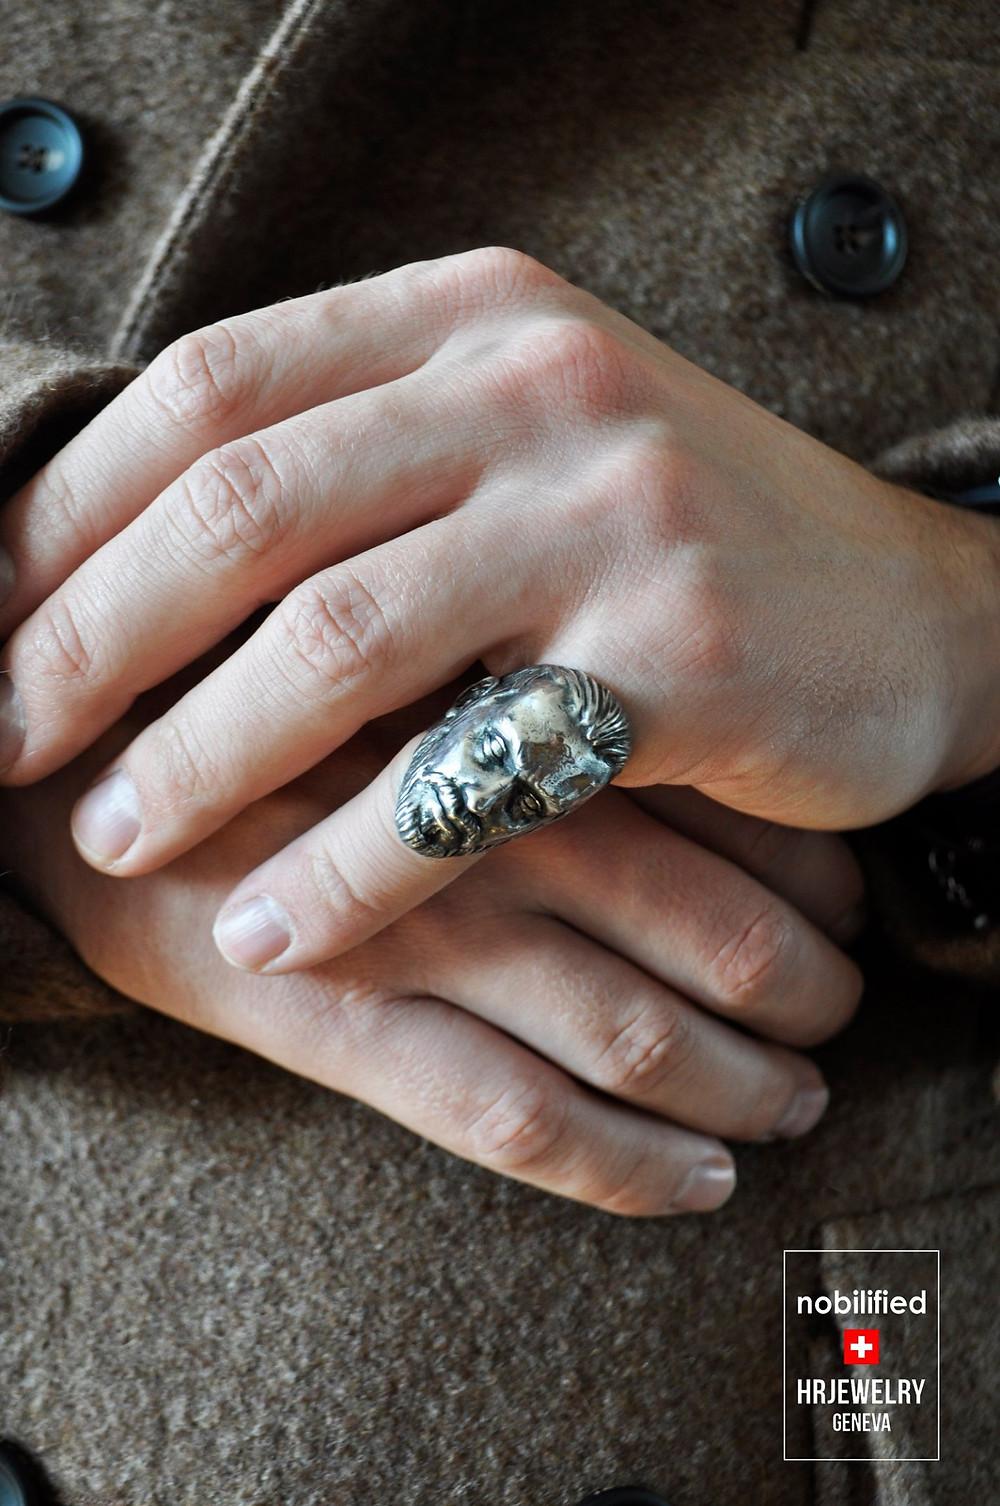 HRjewelry Geneva Bague sur mesure à Genève pour Homme et Femme / Création Swiss Made dans nos Ateliers à Genève